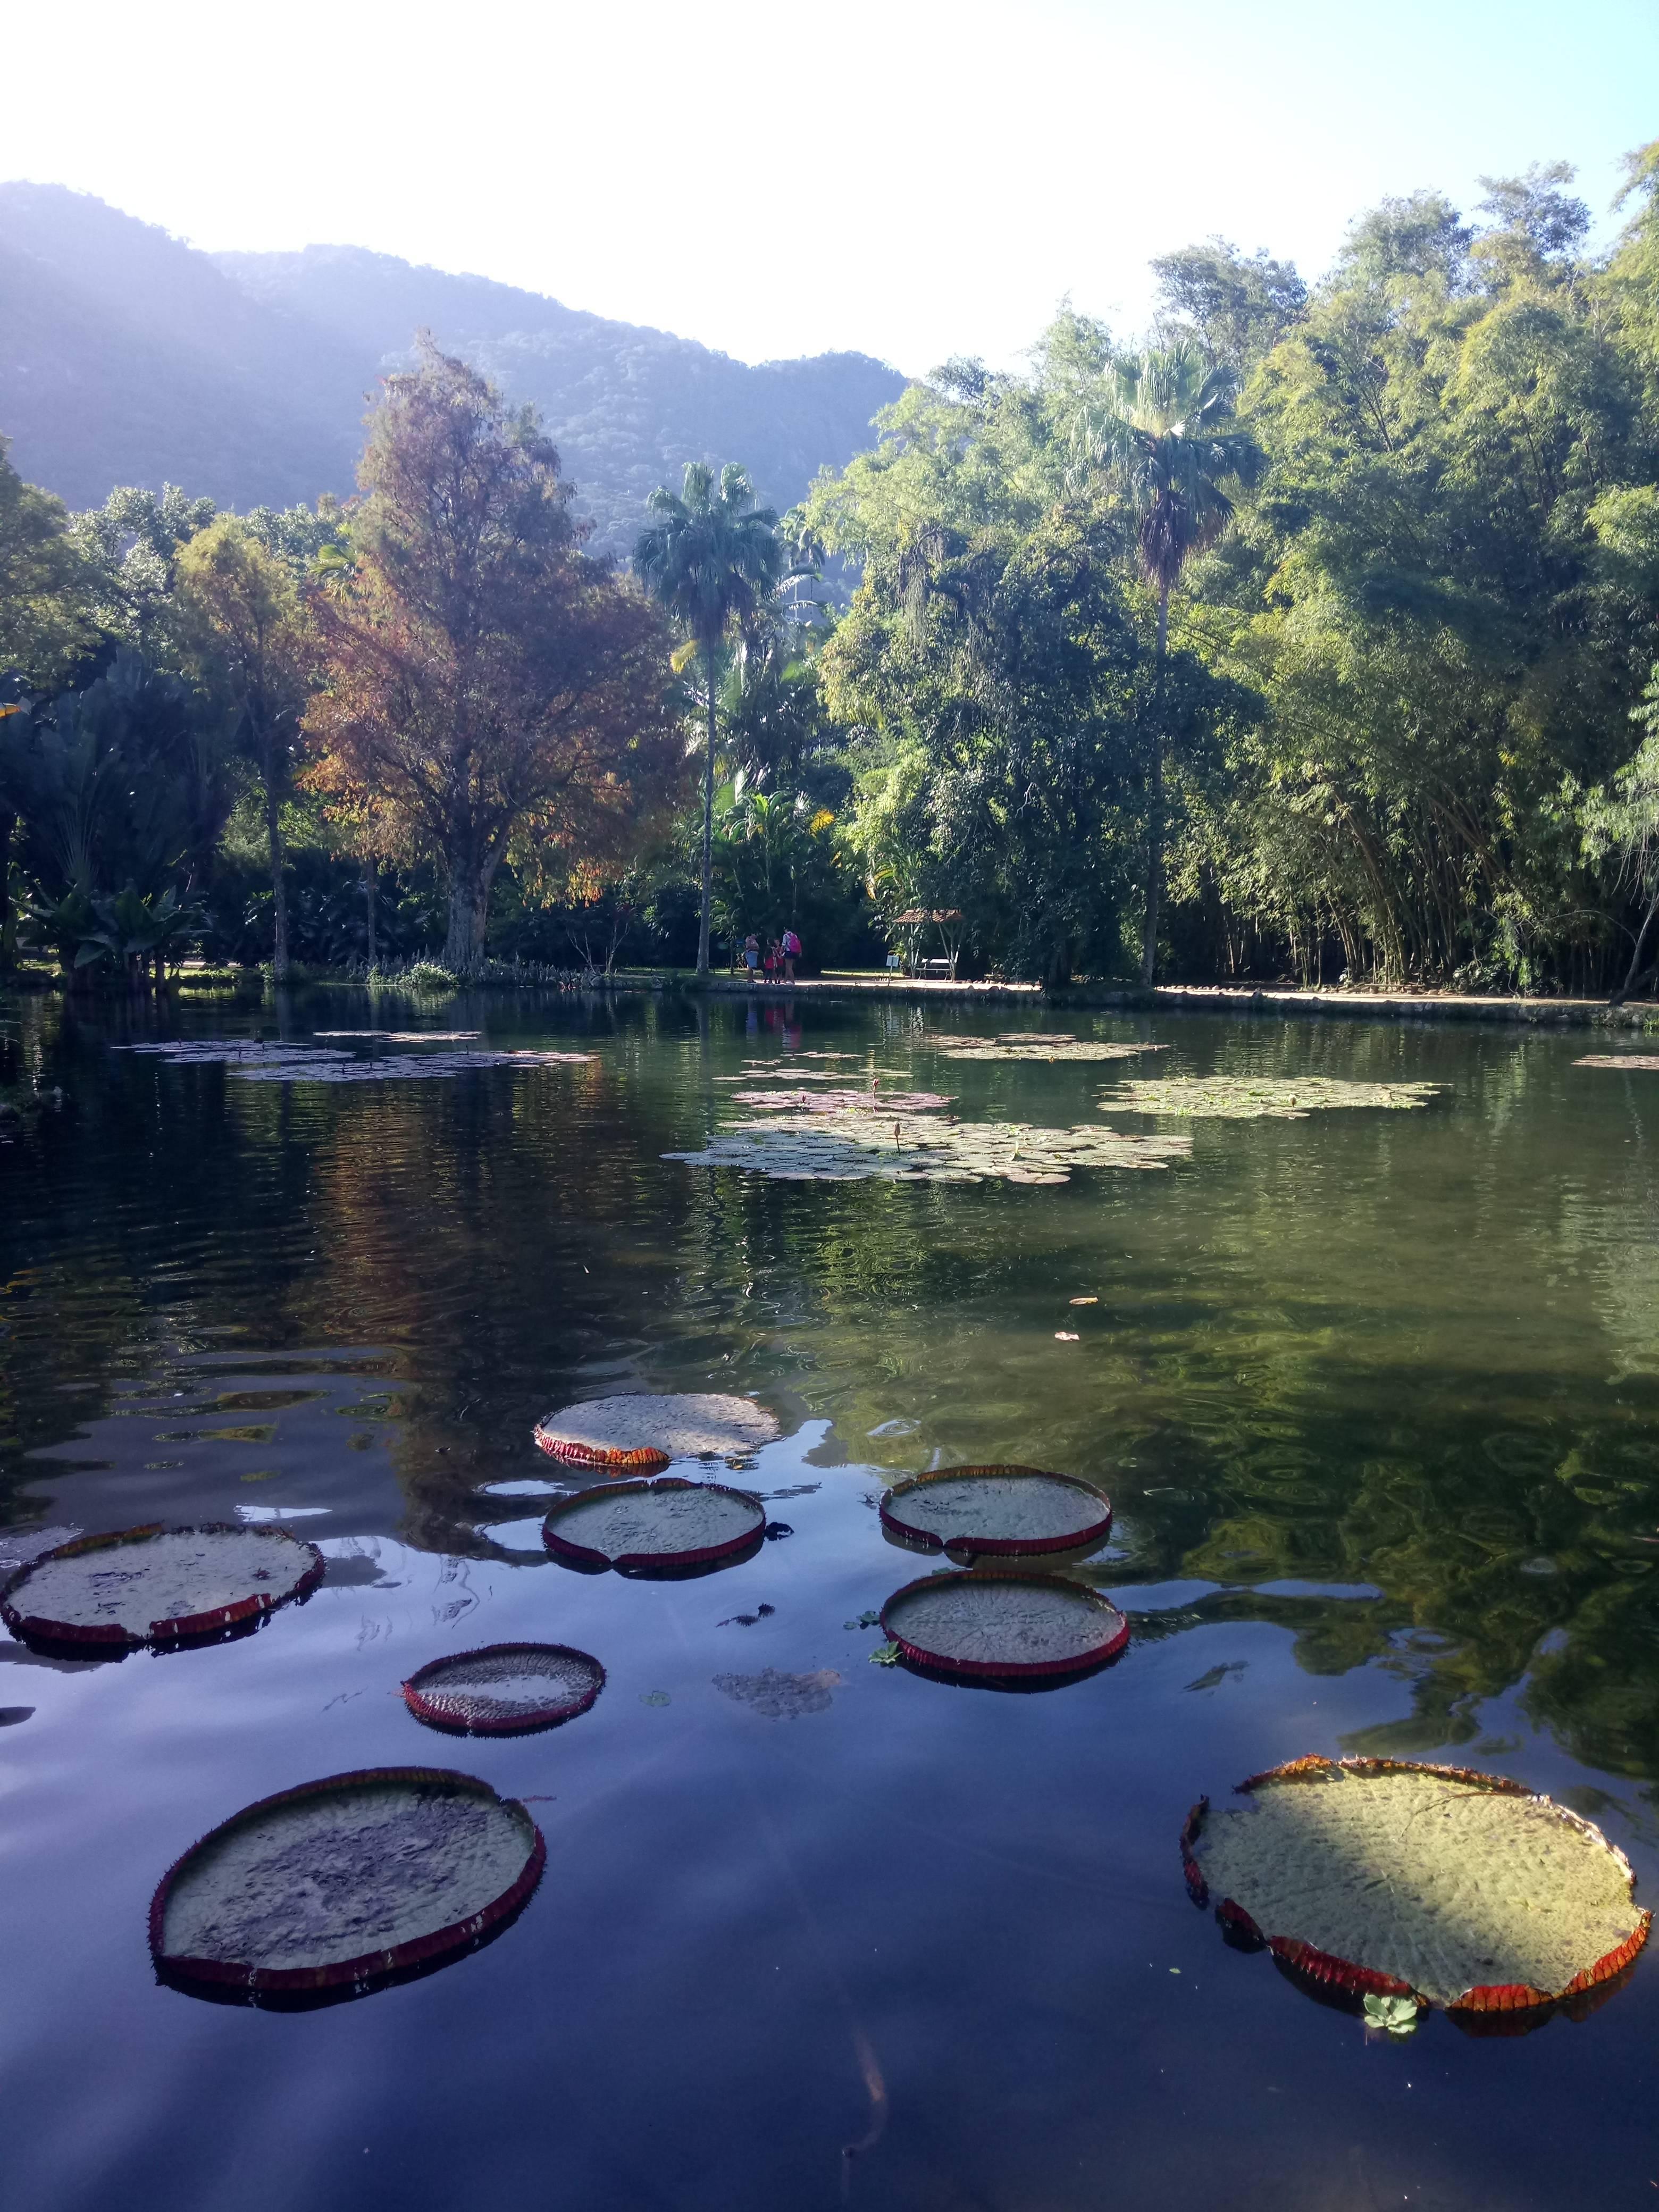 Photo 1: La jungle de Rio